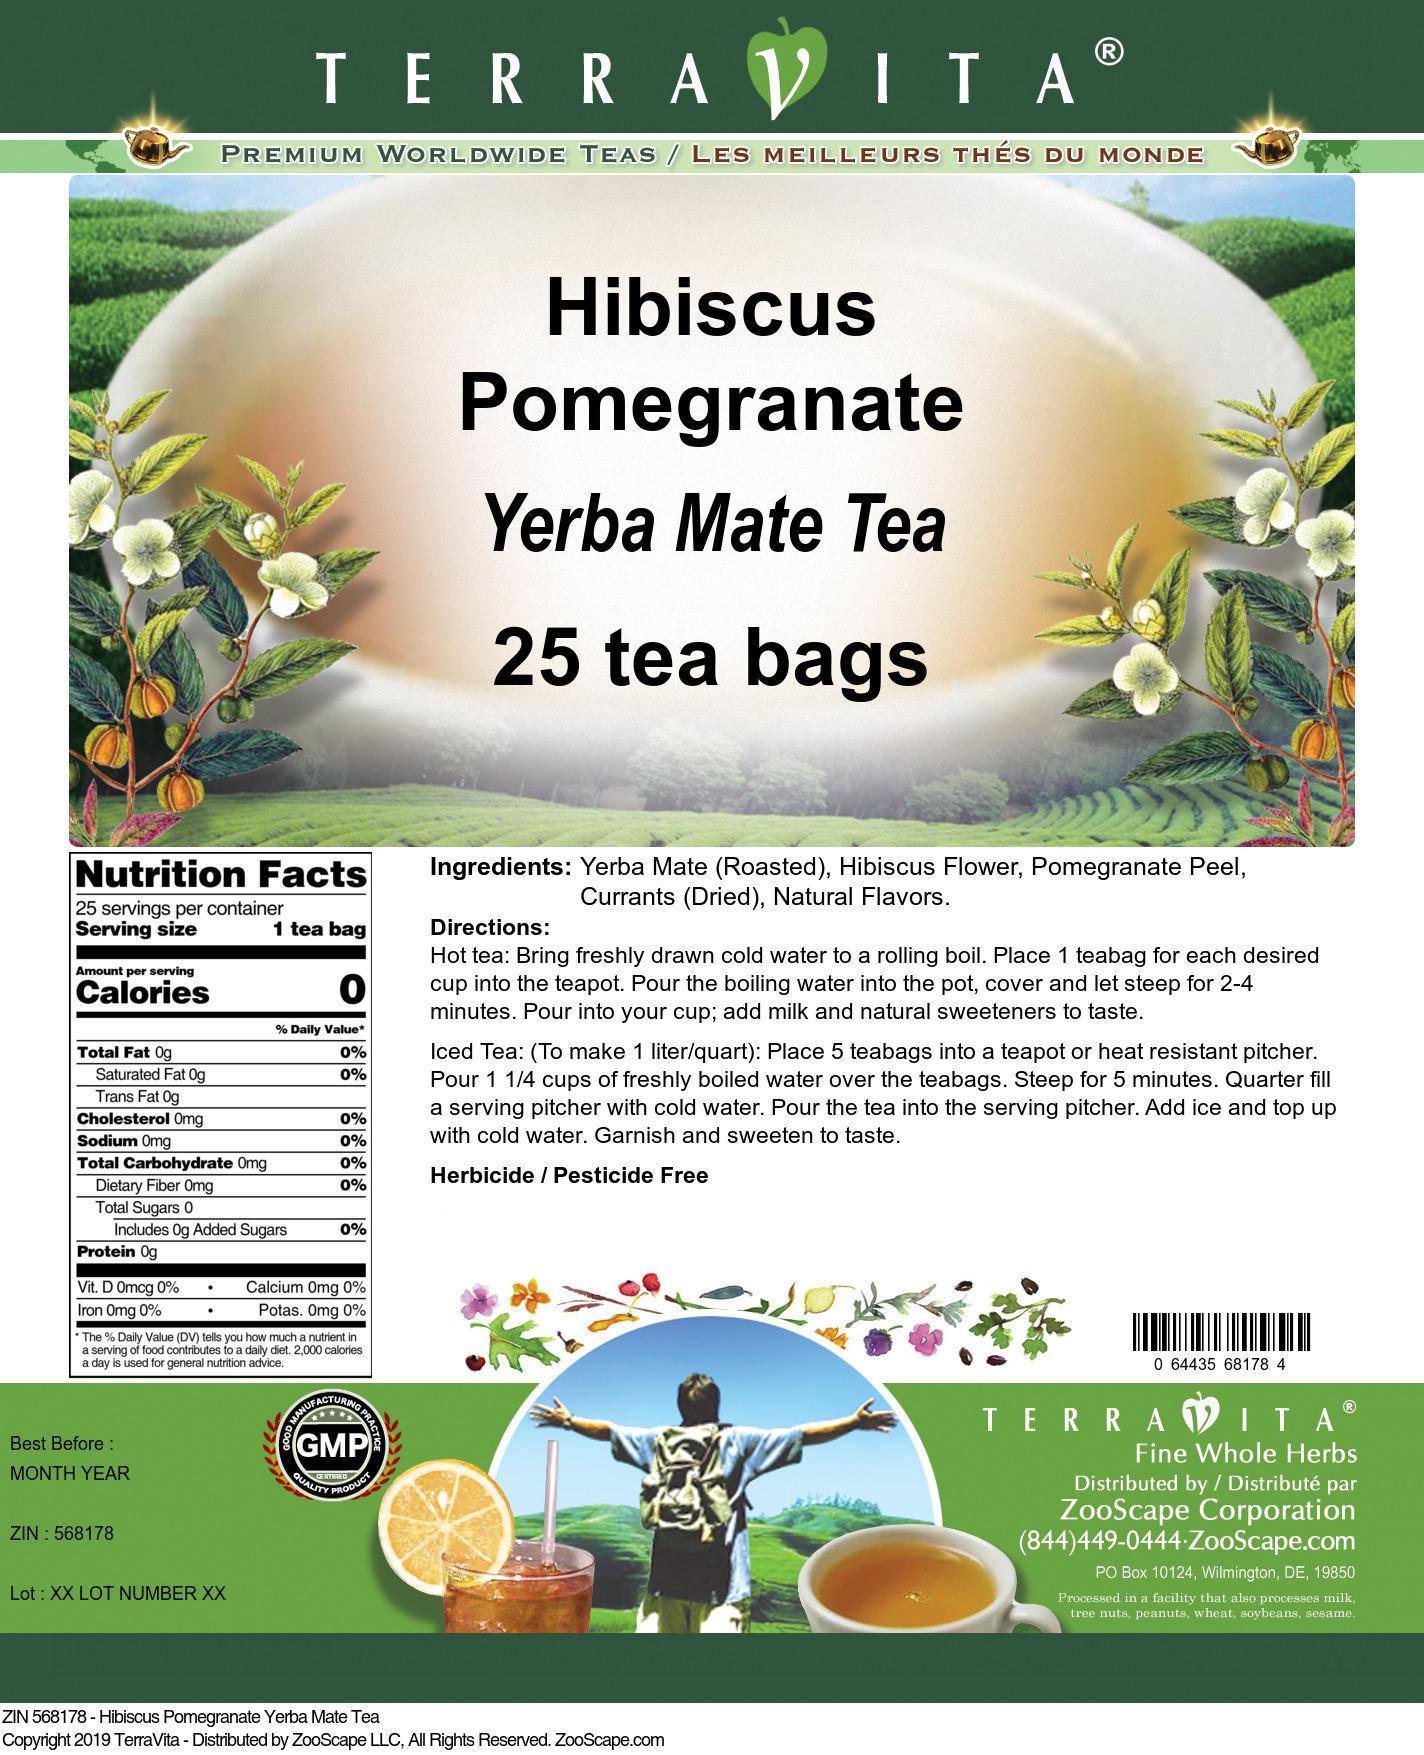 Hibiscus Pomegranate Yerba Mate